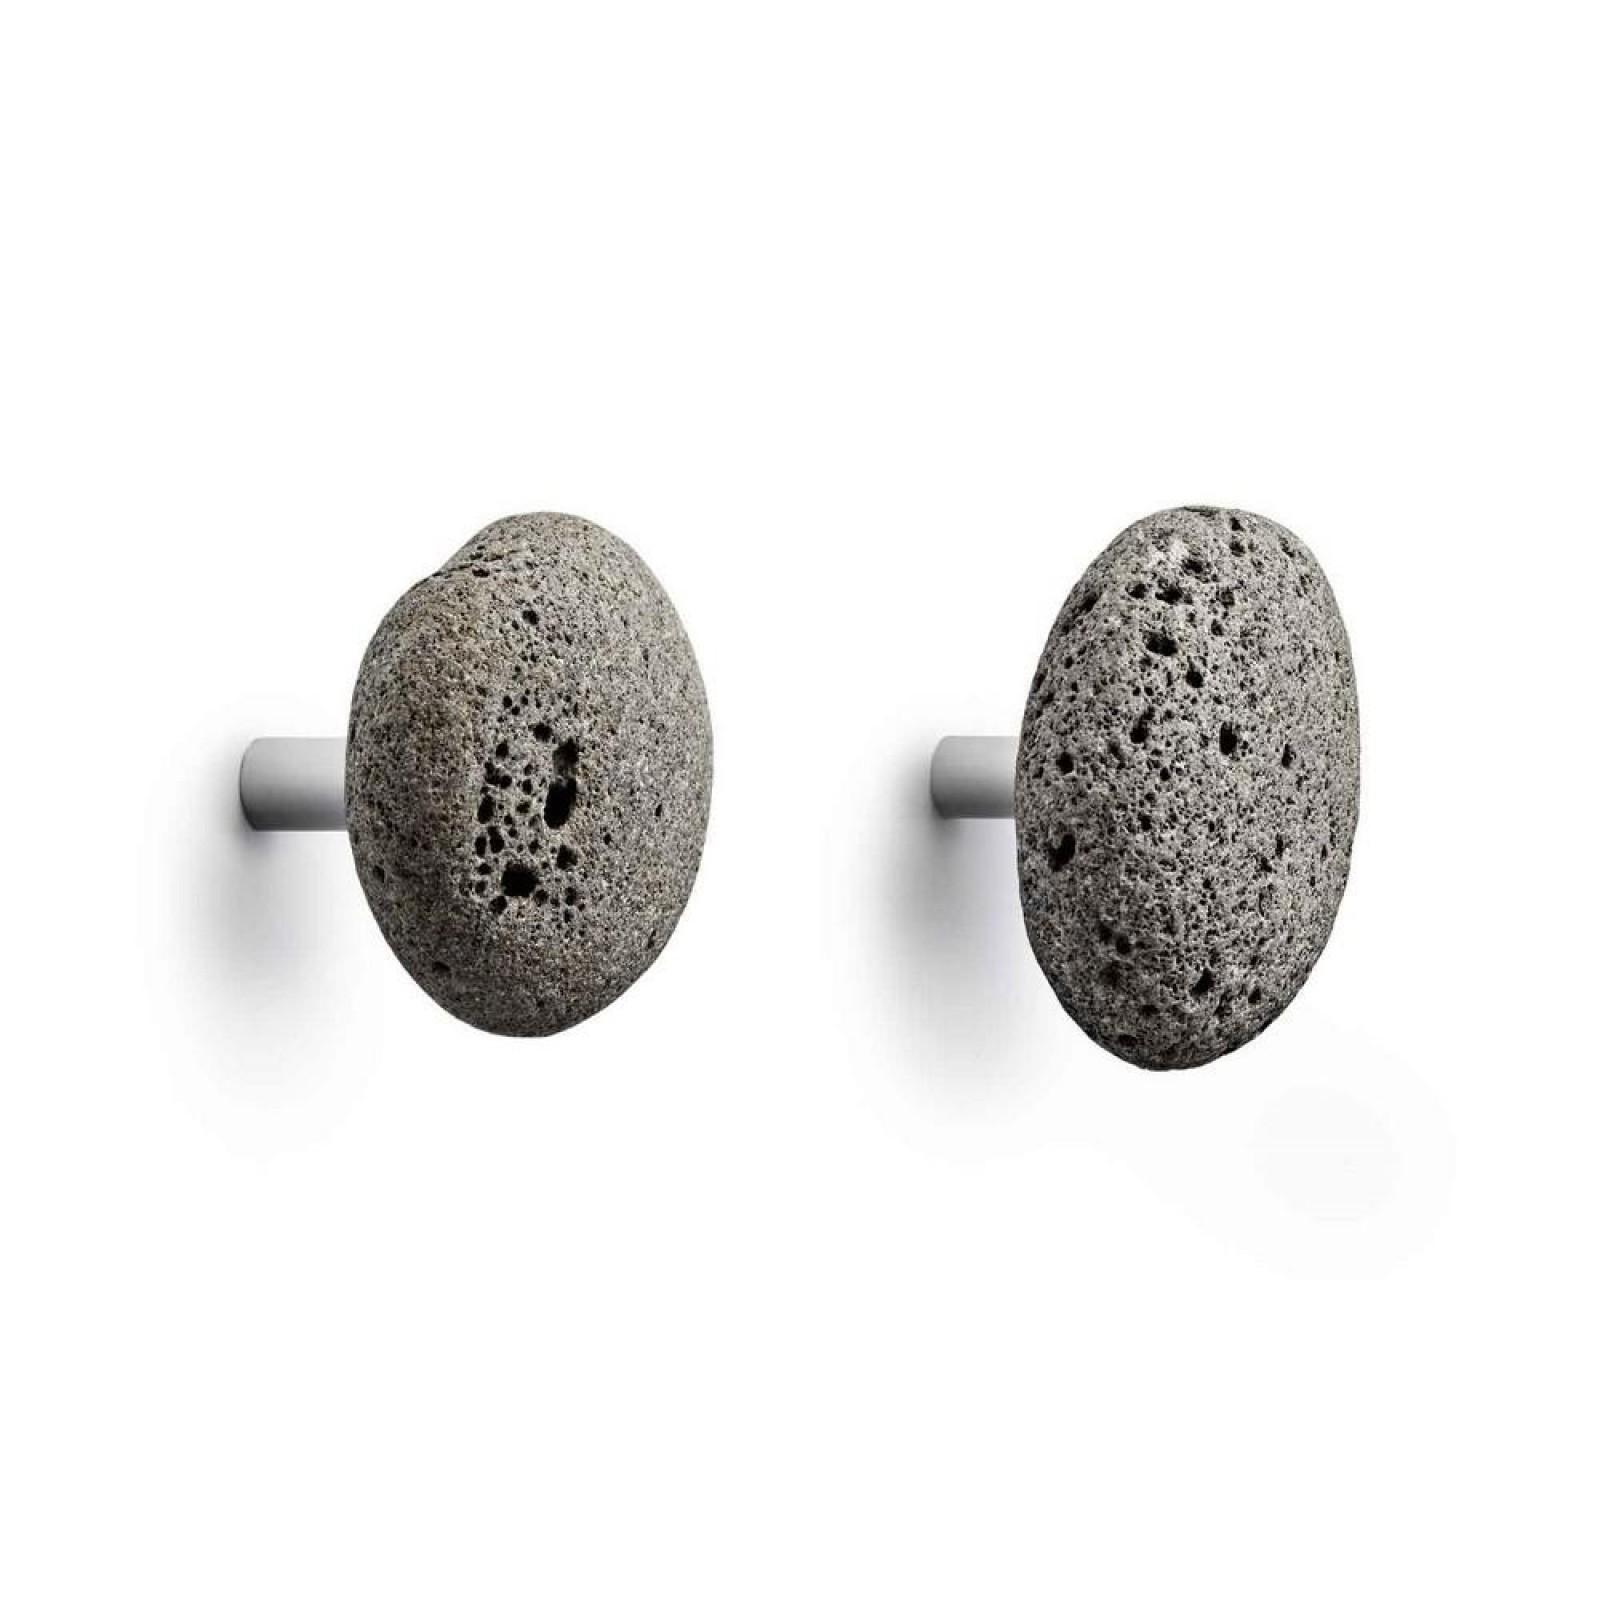 Πέτρινες κρεμάστρες Stone Hooks (σετ των 2) - Normann Copenhagen